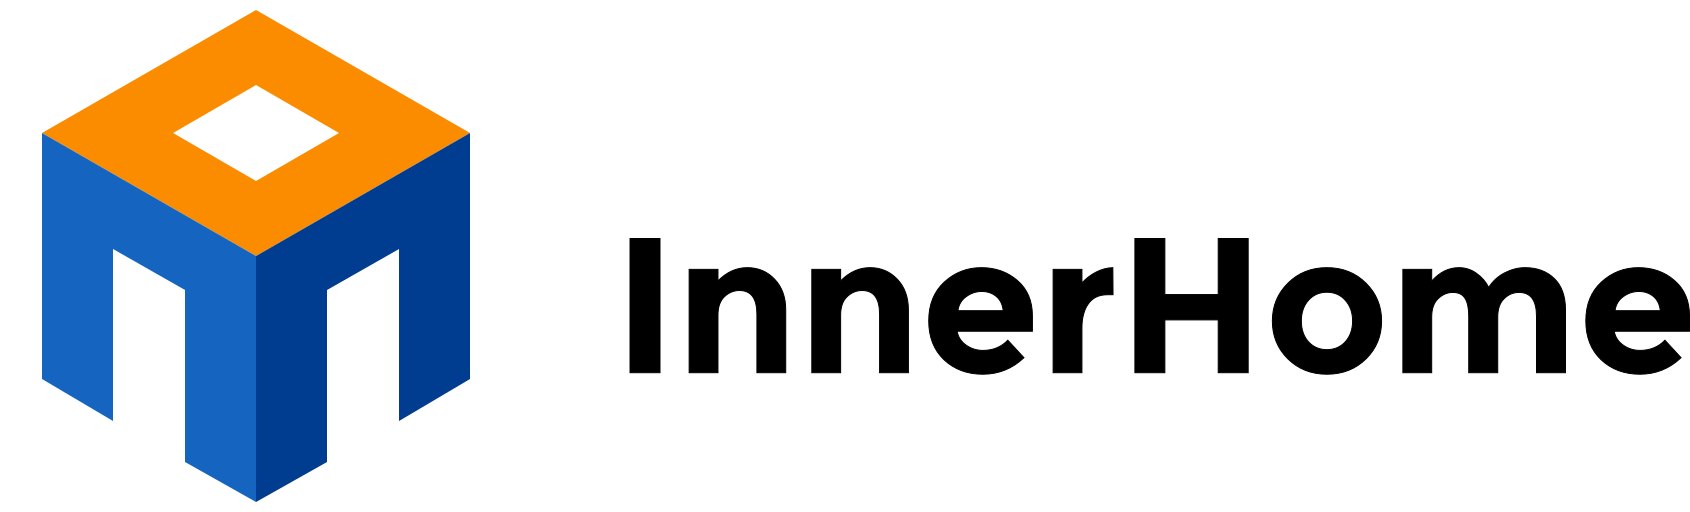 logo innerhome - la réalité augmentée